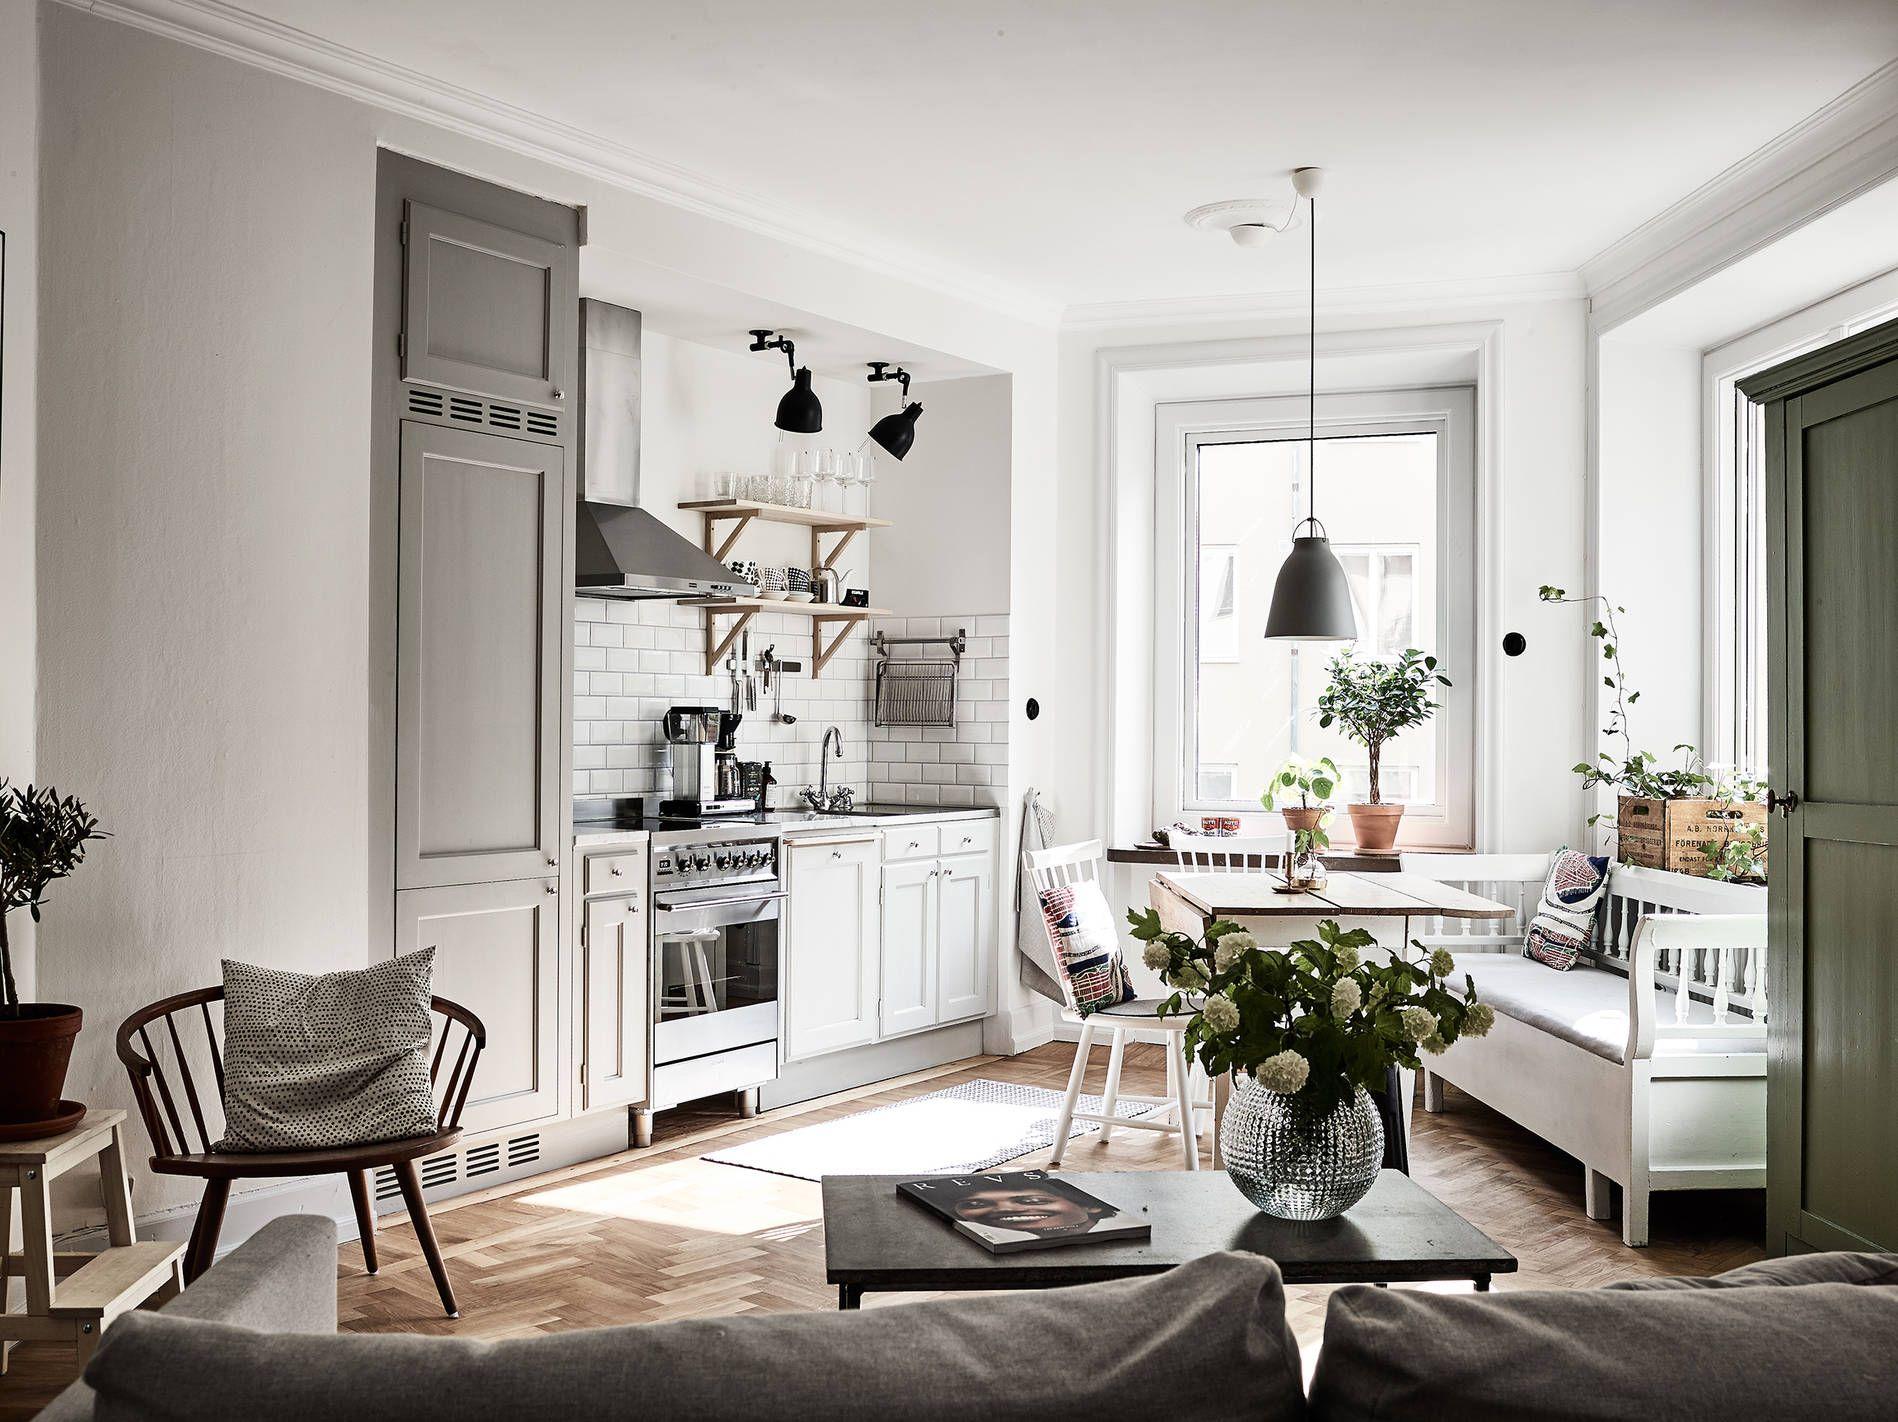 Pin de Hac Robinet en Dining room | Pinterest | Estilo de vida ...